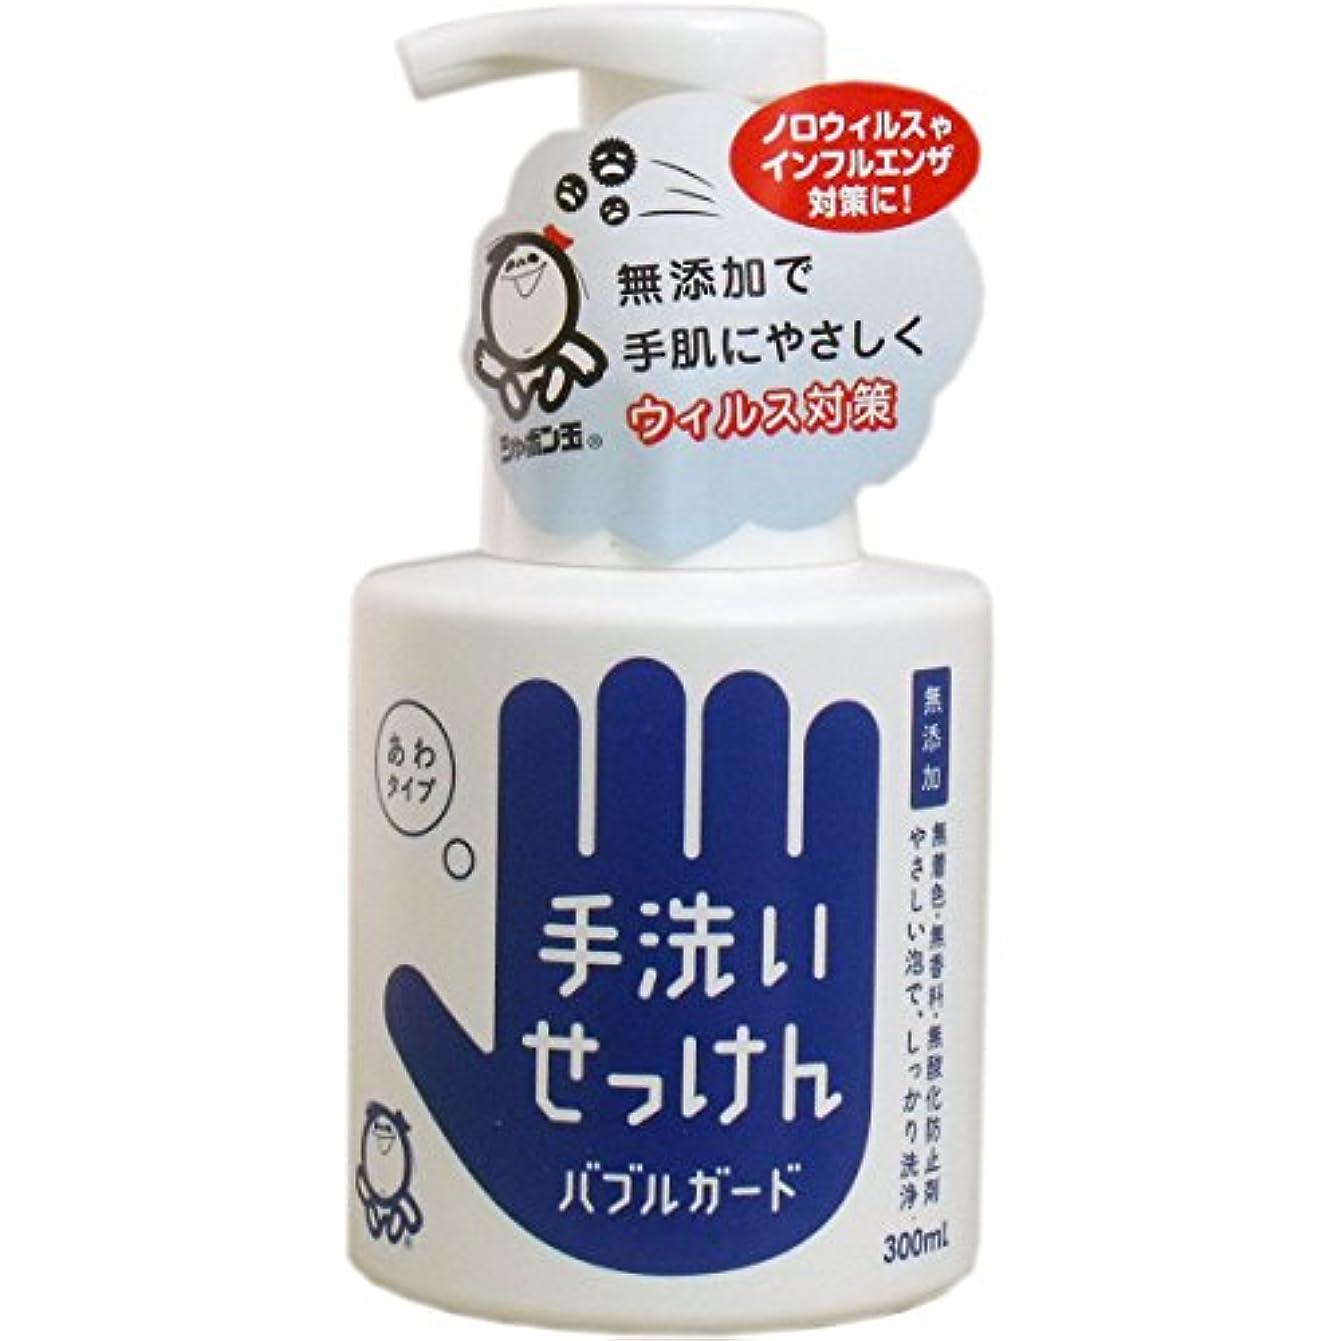 アルネ甘くするログ[シャボン玉石けん 1602793] (ケア商品)手洗いせっけん バブルガード 泡タイプ 本体 300ml